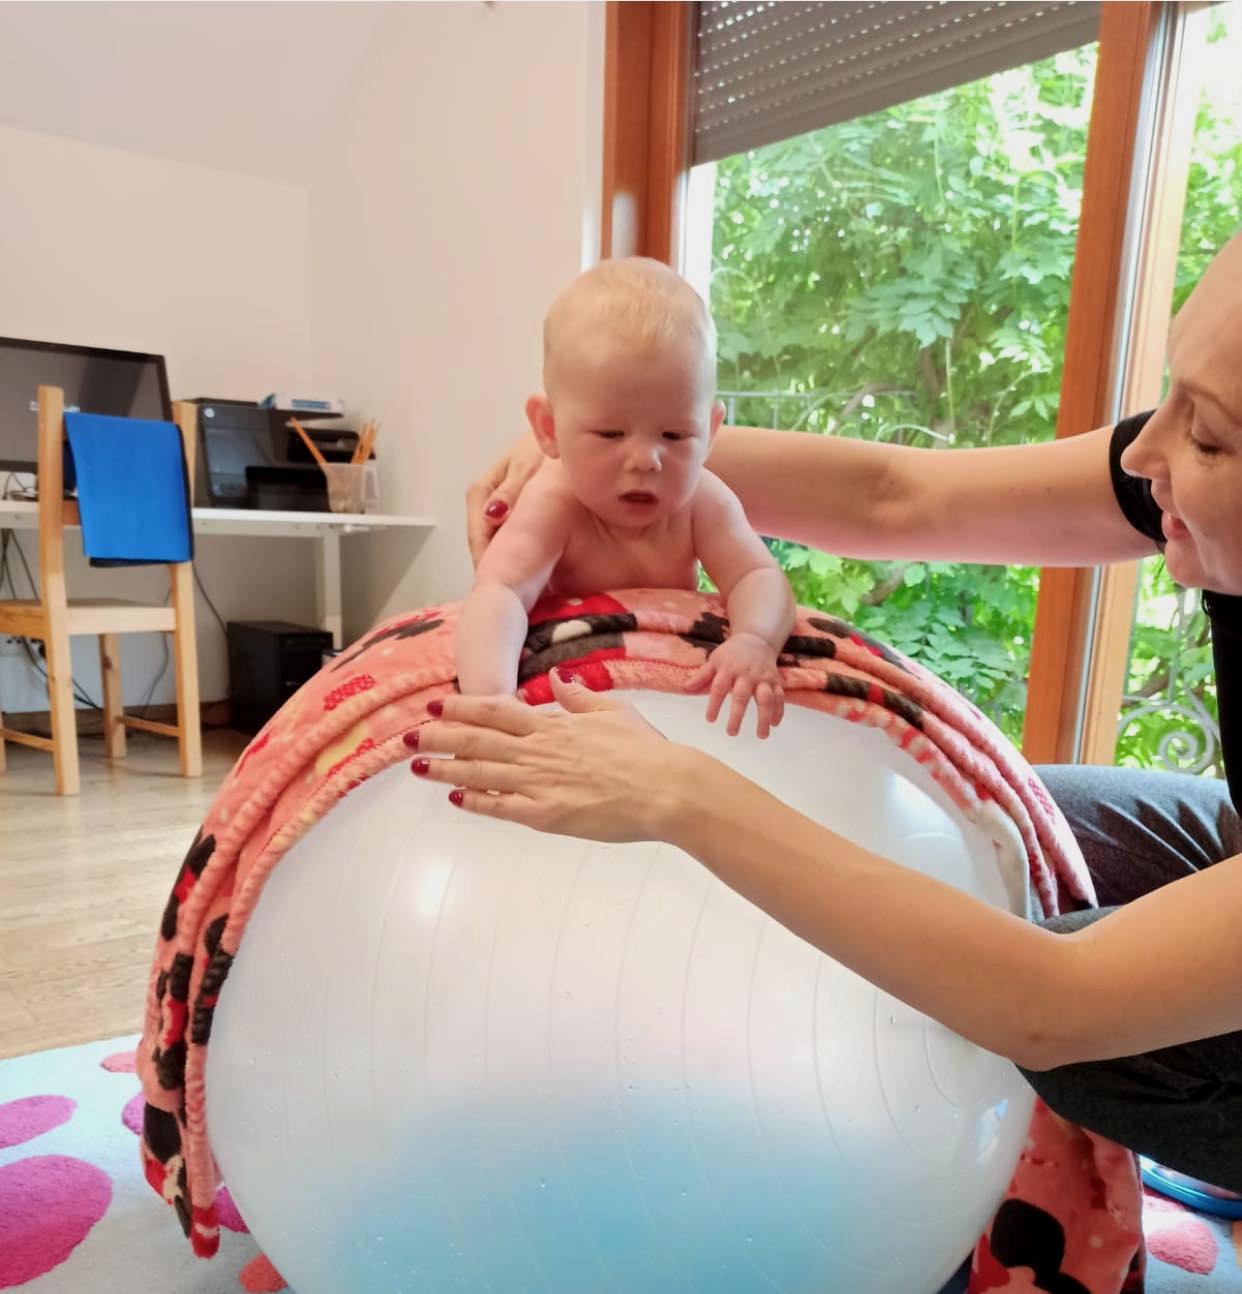 Rehabilitacja Malych Dzieci Z Pilka Reax Fluiball O Srednicy 65cm